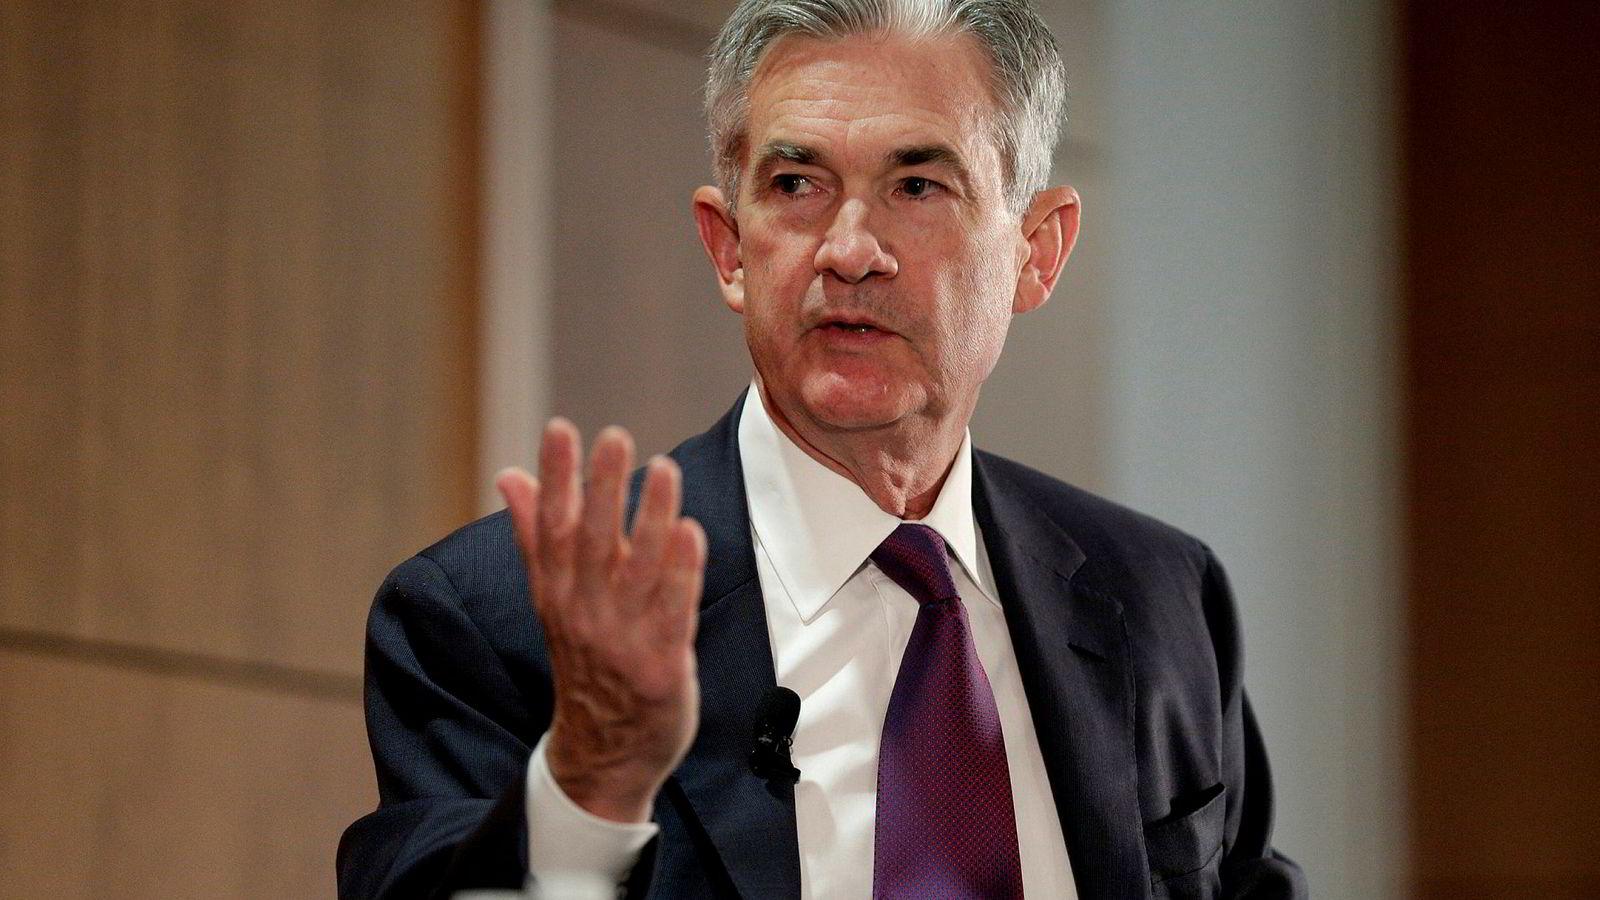 Rentemarkedet viste sist uke noe vi ikke har sett siden forrige tiår: tro på at USAs sentralbanksjef Jerome Powell skal senke renten.